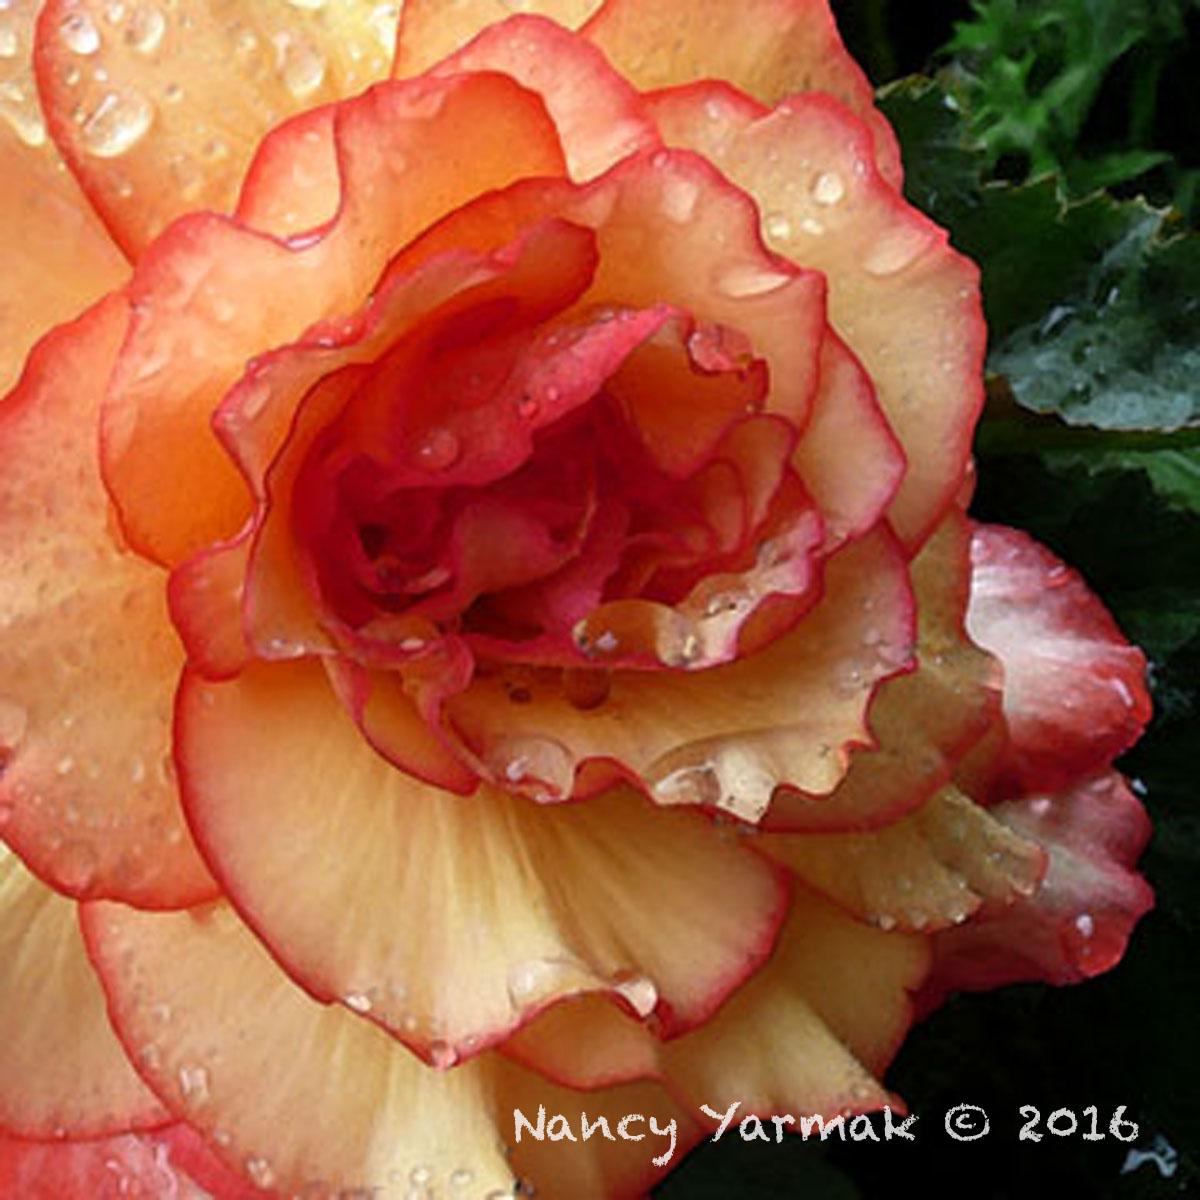 Summer Rain-Nancy Yarmak